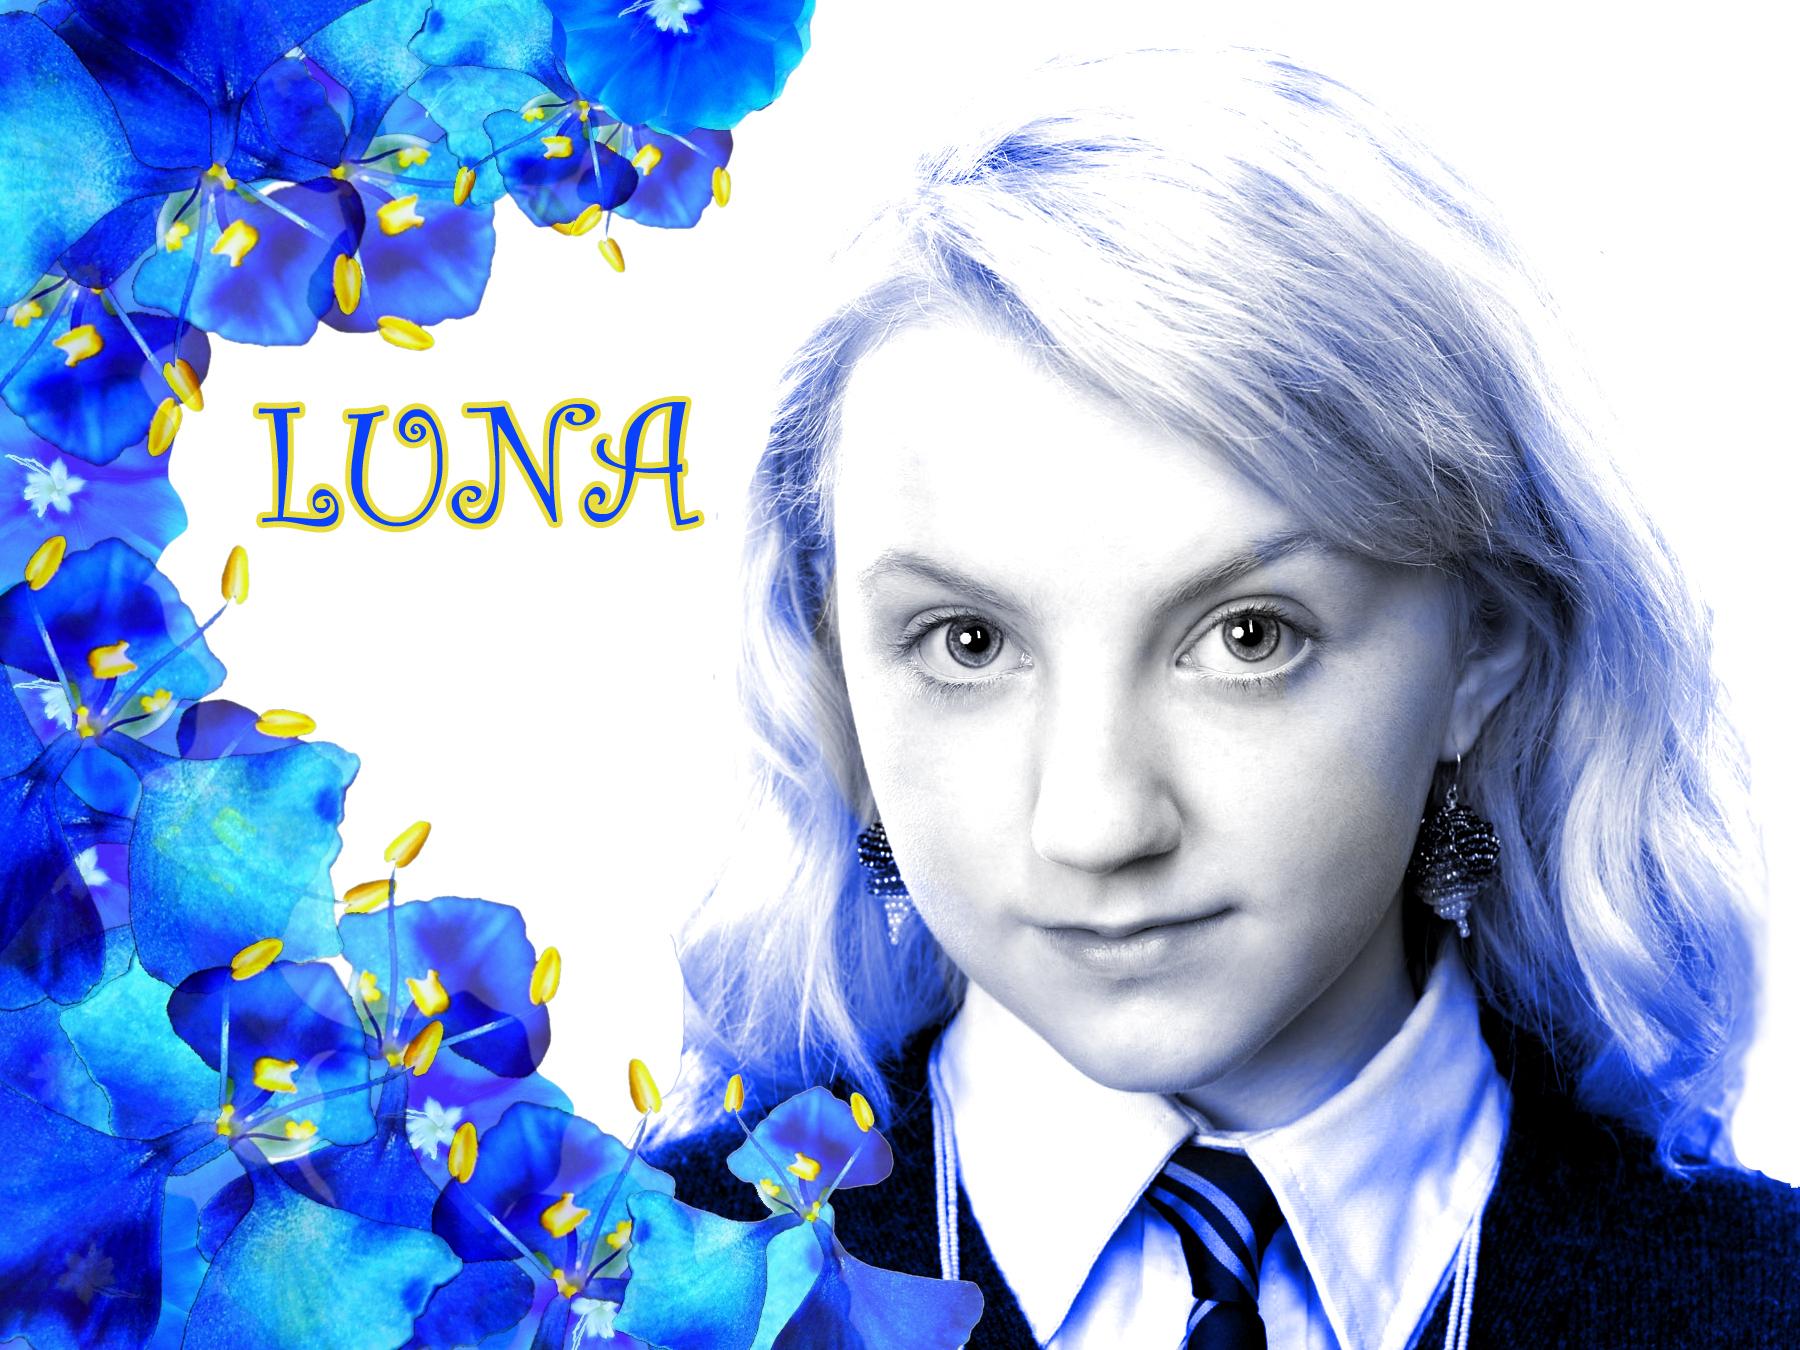 Luna Lovegood Wallpapers 187 Animaatjes Nl